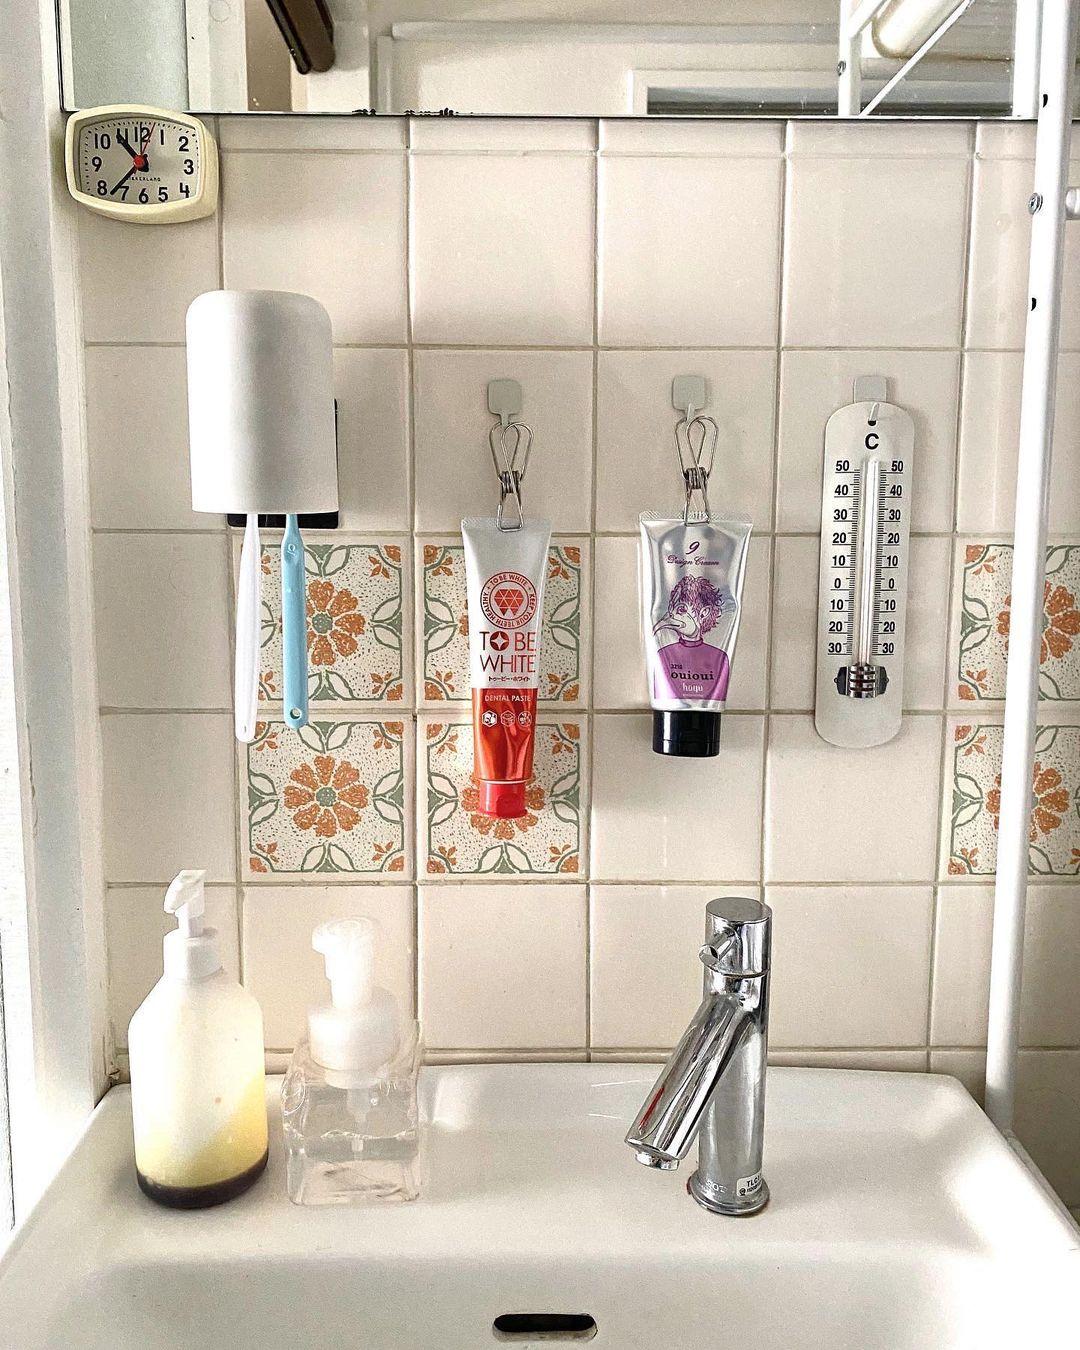 同じく洗面所の収納アイディア。歯磨き粉のチューブをピンチで挟んで、フックに引っ掛けて収納!